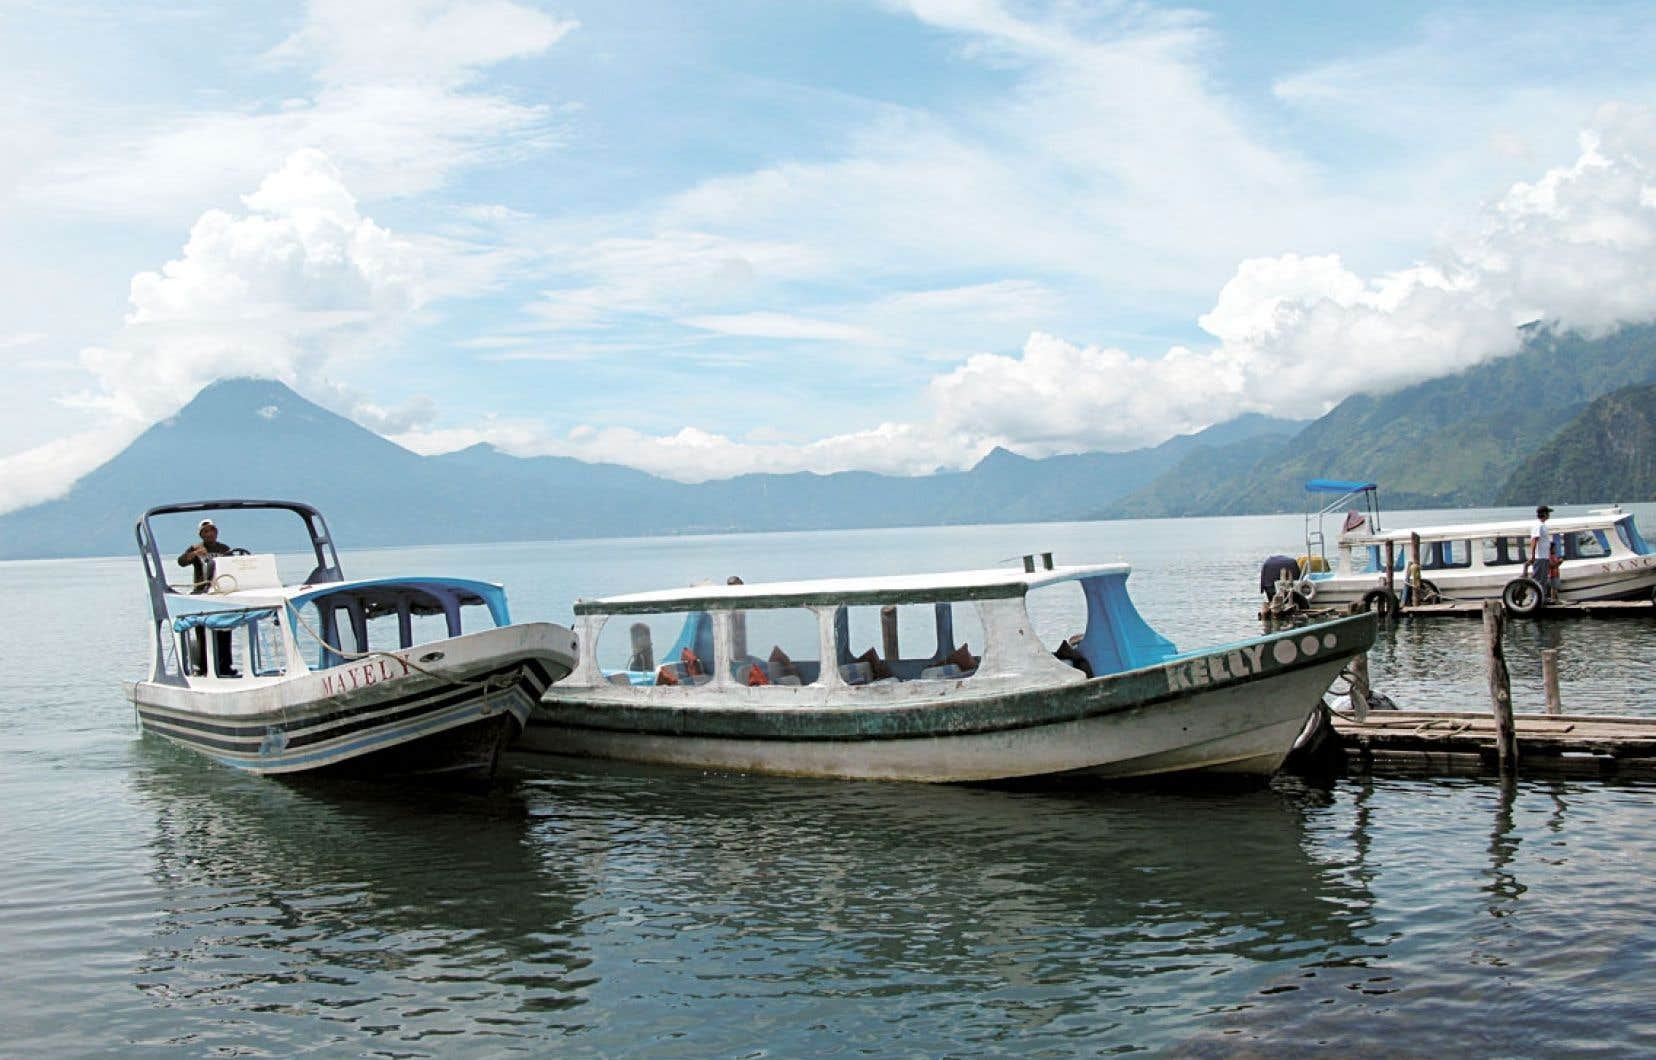 C'est par bateau que l'on rejoint les villages autour du lac Atitlán, dominé par trois volcans. Ci-dessus, la « lancha », bateau-bus, au départ de Panajachel.